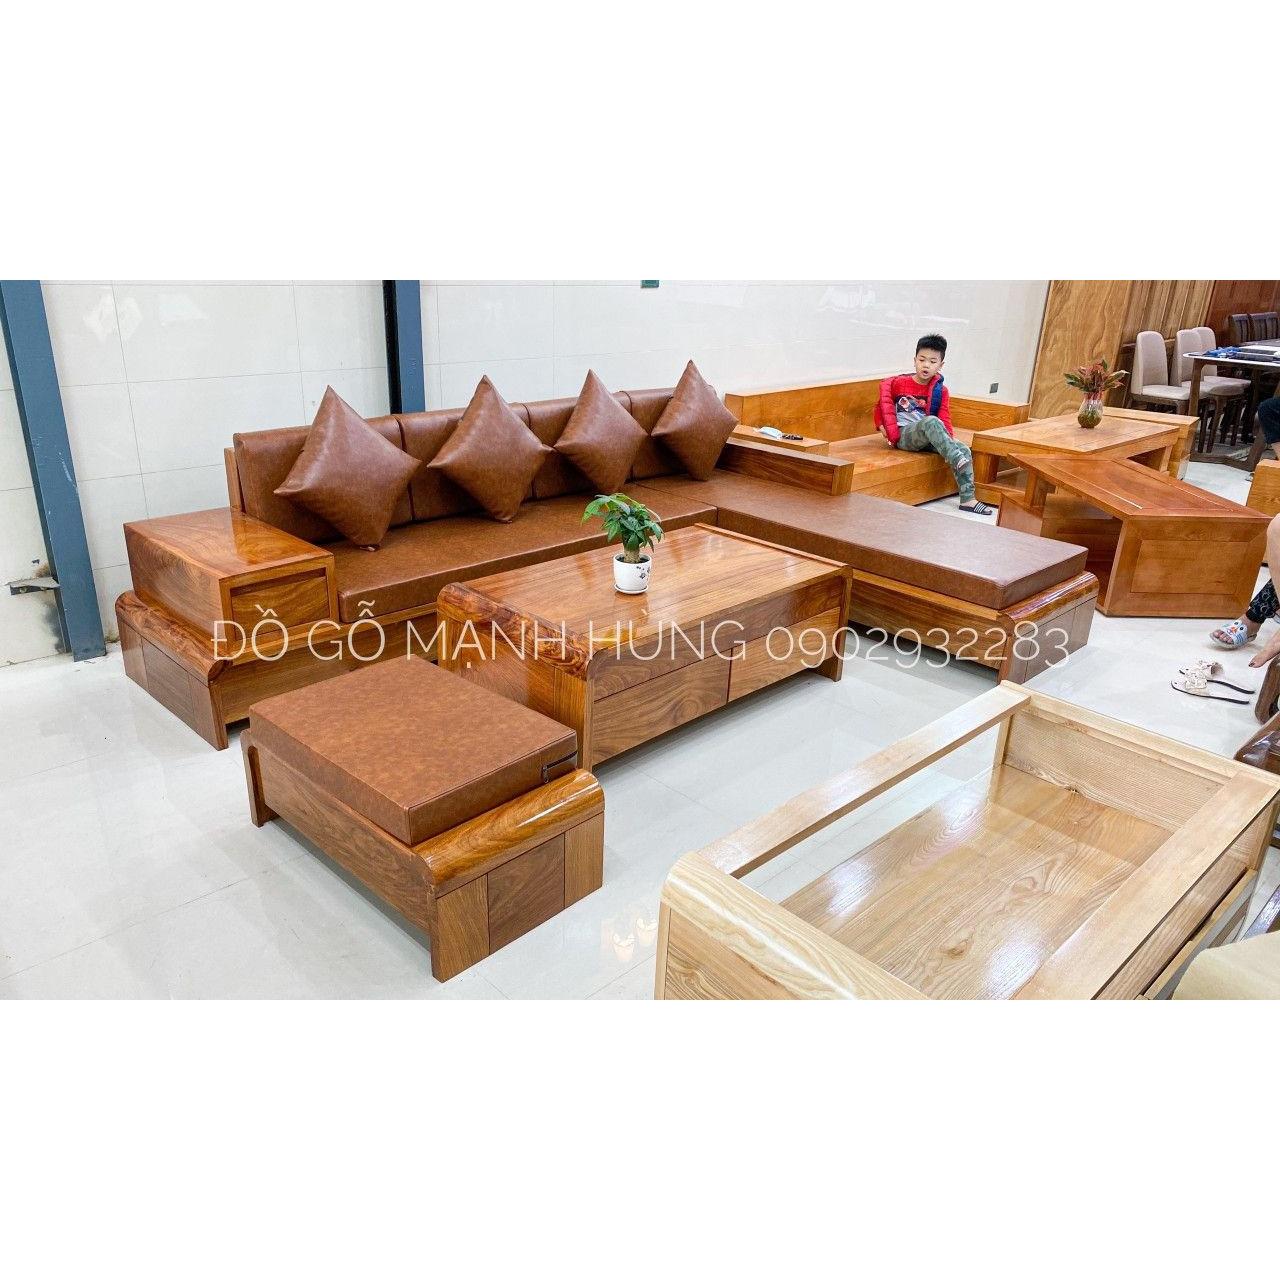 Bộ bàn ghế sofa góc gỗ hương 2m8m x 2m có nệm